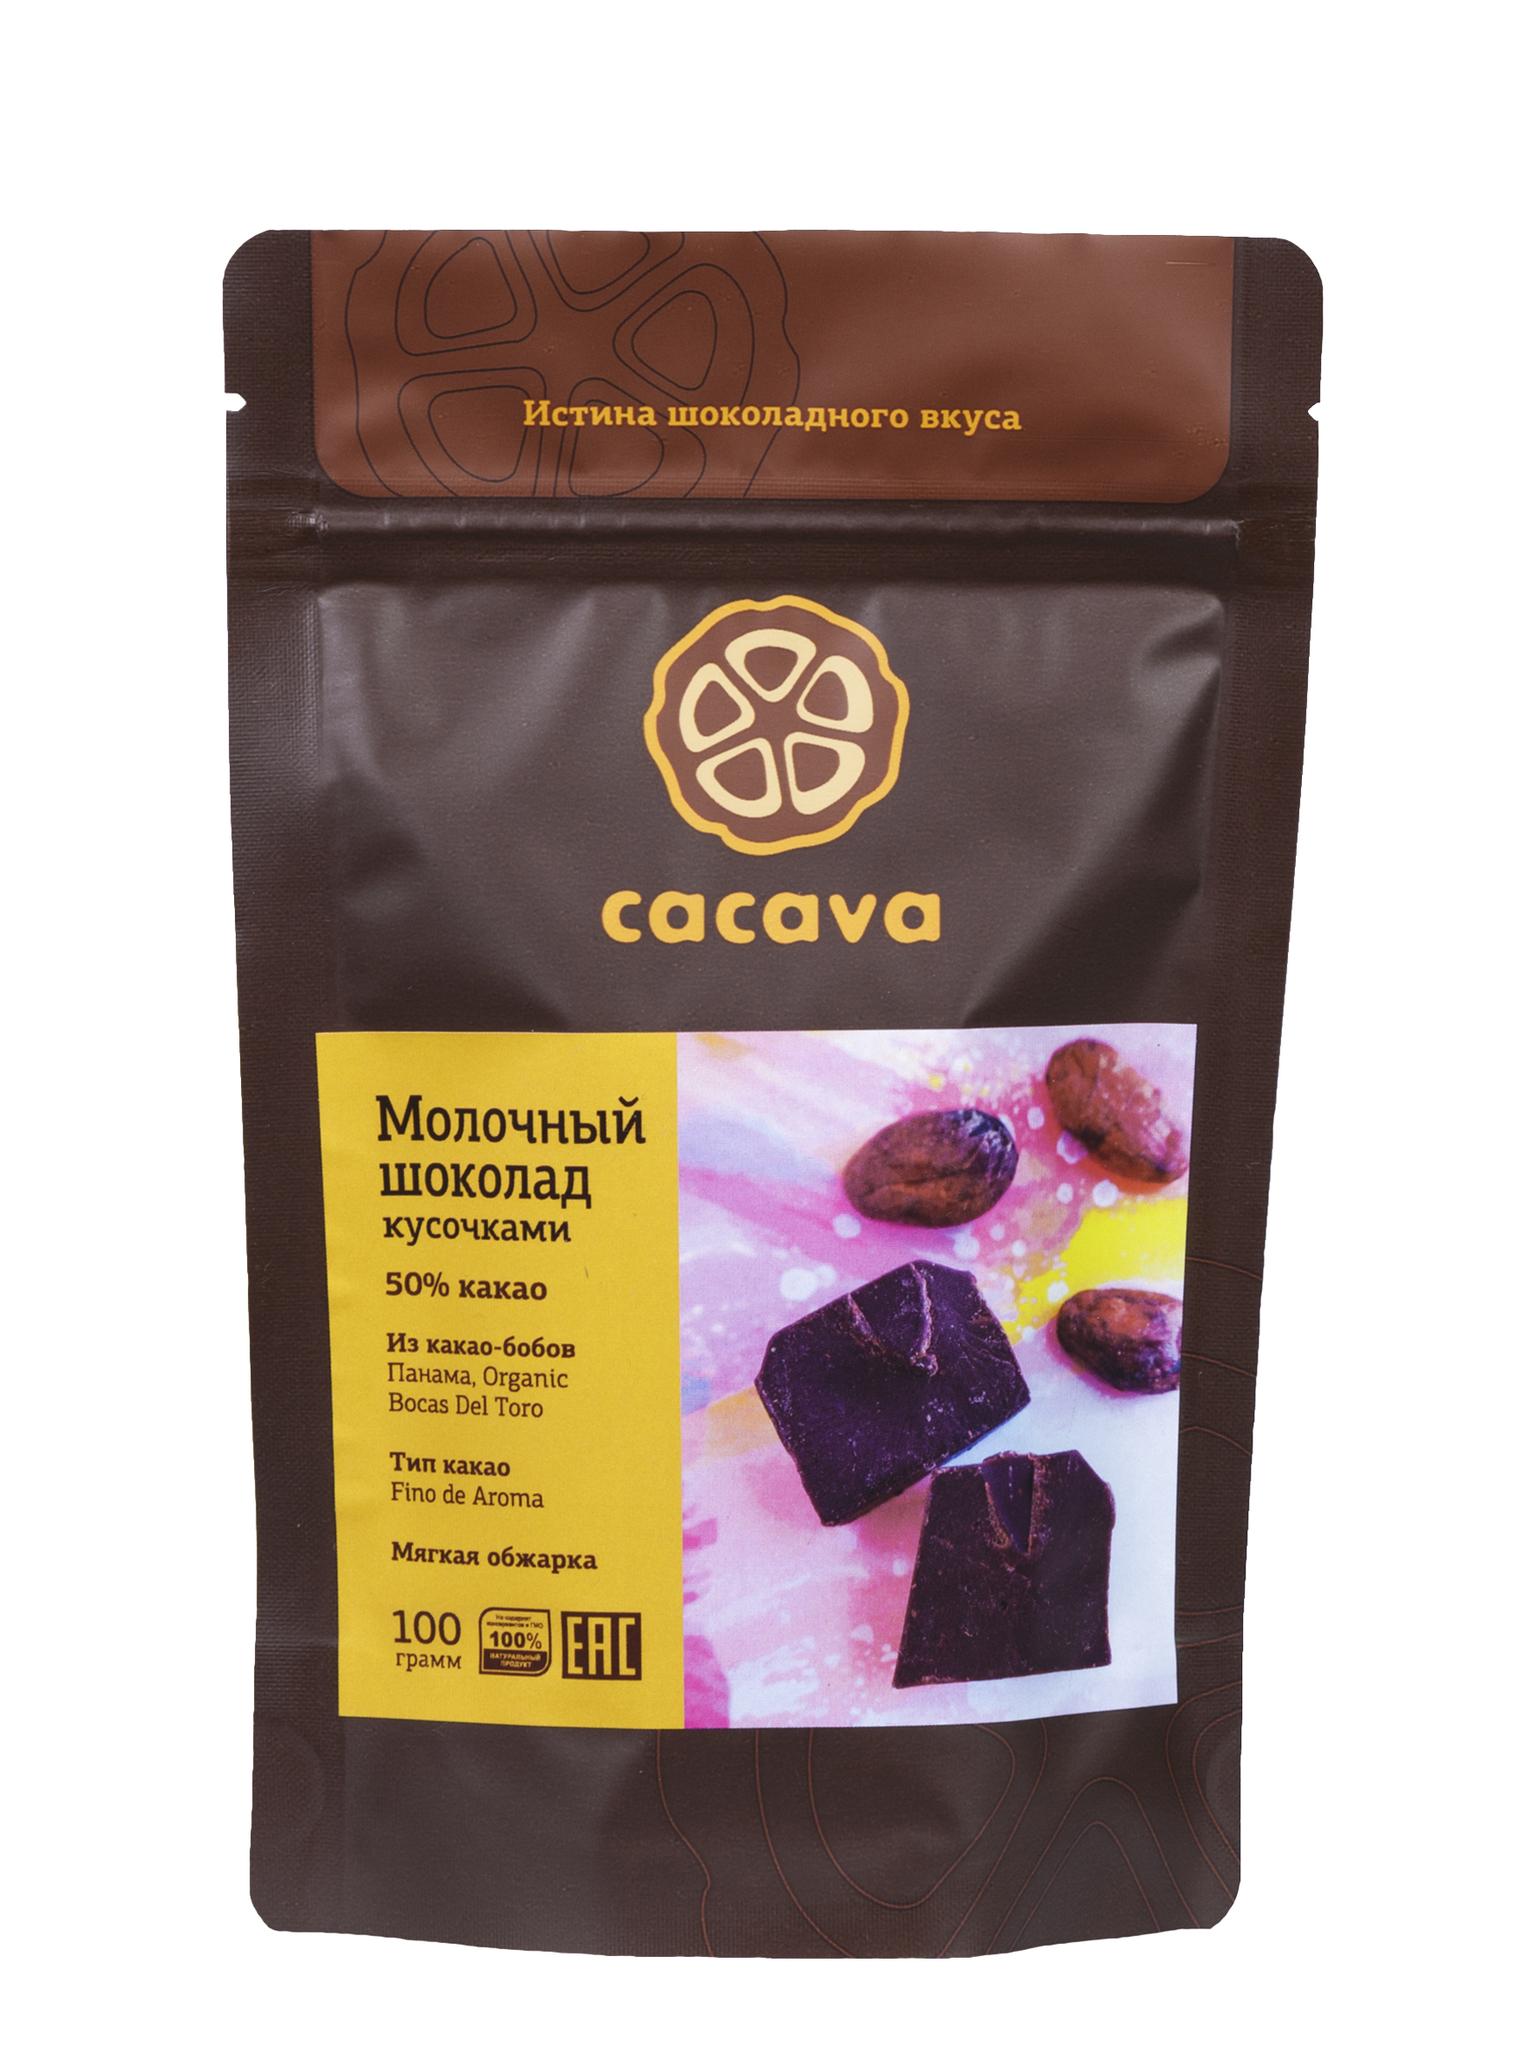 Молочный шоколад 50 % какао (Панама), упаковка 100 грамм